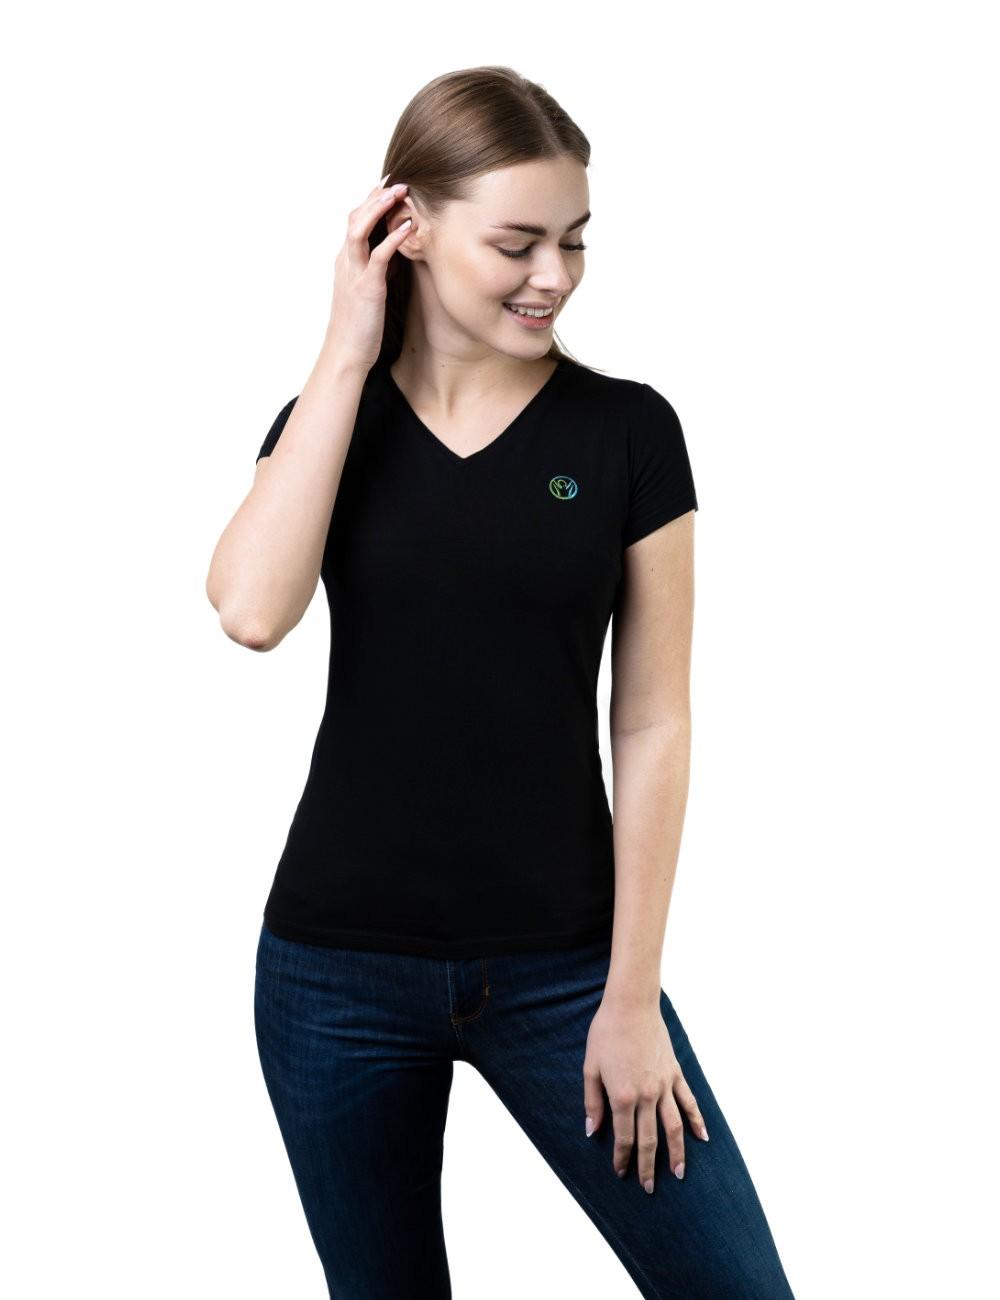 eplecy eplecypl koszulka prostujaca na garbienie i proste plecy on damska dla niej przodem przód